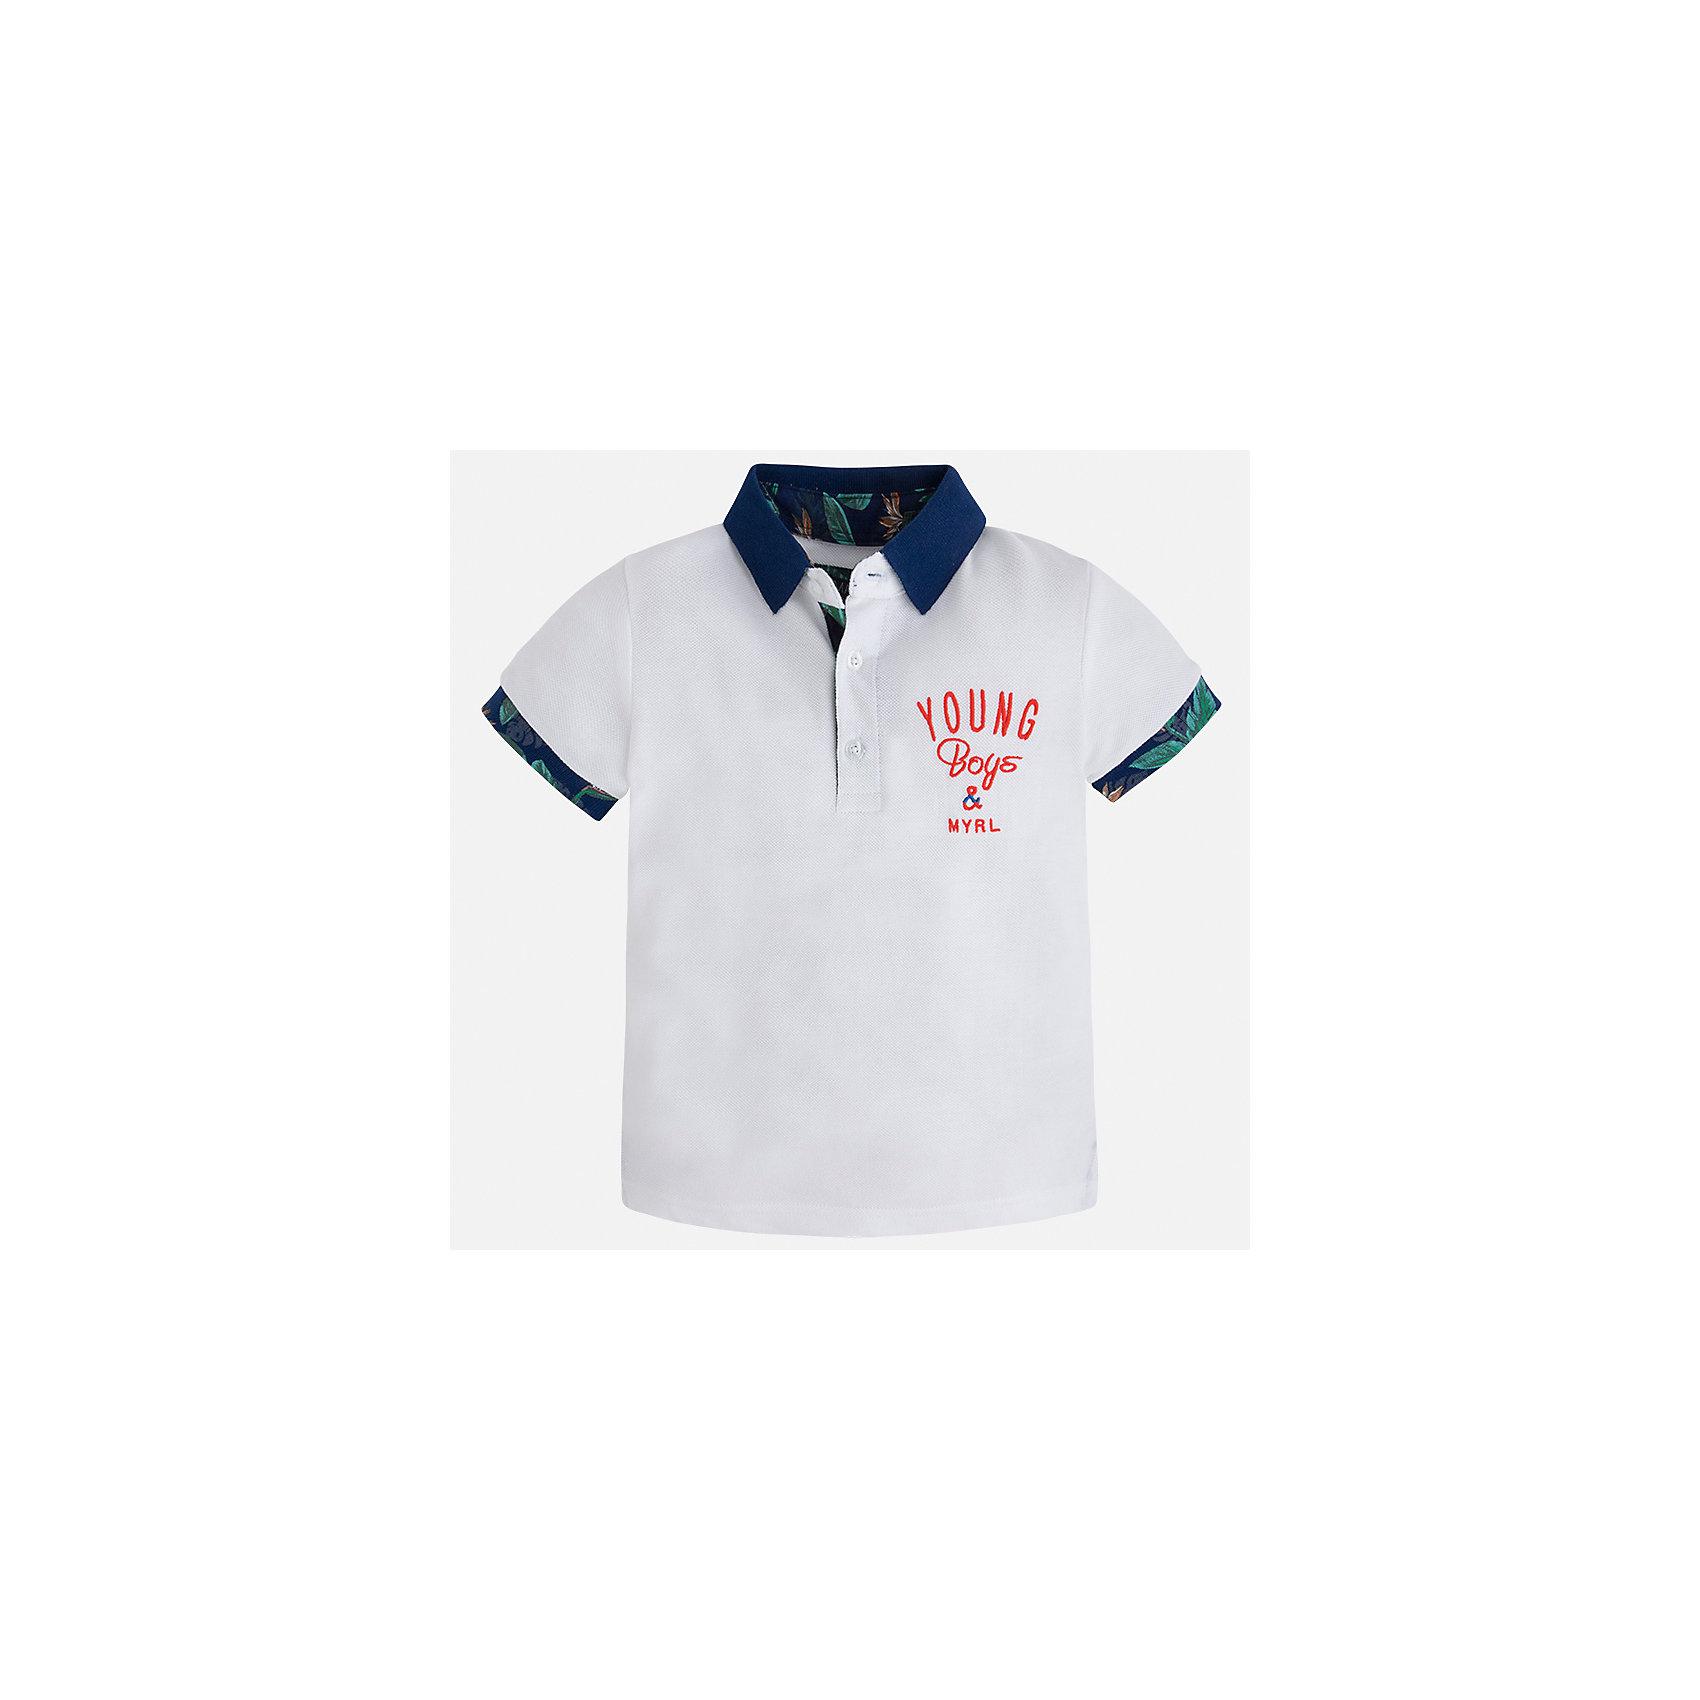 Футболка-поло для мальчика MayoralХарактеристики товара:<br><br>• цвет: белый<br>• состав: 100% хлопок<br>• отложной воротник<br>• короткие рукава<br>• застежка: пуговицы<br>• декорирована вышивкой<br>• страна бренда: Испания<br><br>Модная футболка-поло для мальчика может стать базовой вещью в гардеробе ребенка. Она отлично сочетается с брюками, шортами, джинсами и т.д. Универсальный крой и цвет позволяет подобрать к вещи низ разных расцветок. Практичное и стильное изделие! В составе материала - только натуральный хлопок, гипоаллергенный, приятный на ощупь, дышащий.<br><br>Одежда, обувь и аксессуары от испанского бренда Mayoral полюбились детям и взрослым по всему миру. Модели этой марки - стильные и удобные. Для их производства используются только безопасные, качественные материалы и фурнитура. Порадуйте ребенка модными и красивыми вещами от Mayoral! <br><br>Футболку-поло для мальчика от испанского бренда Mayoral (Майорал) можно купить в нашем интернет-магазине.<br><br>Ширина мм: 199<br>Глубина мм: 10<br>Высота мм: 161<br>Вес г: 151<br>Цвет: белый<br>Возраст от месяцев: 18<br>Возраст до месяцев: 24<br>Пол: Мужской<br>Возраст: Детский<br>Размер: 92,128,134,122,116,110,104,98<br>SKU: 5271850